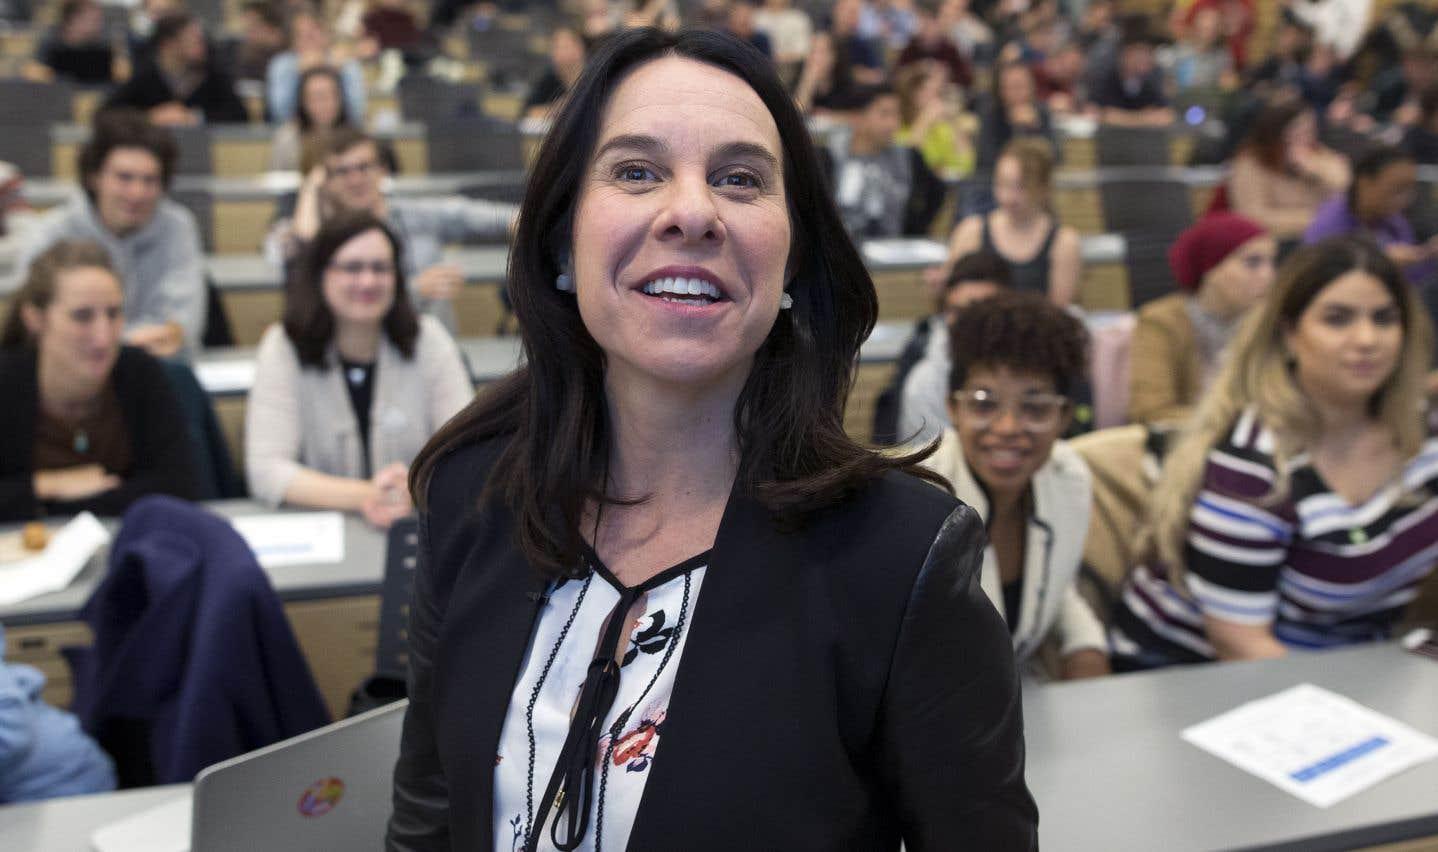 Au-delà des sommes d'argent en cause et du bien-fondé de dépenses urgentes à faire, la question plus fondamentale est l'état de confiance des citoyens envers leur administration, croient les auteurs. Sur la photo, la mairesse de Montréal, Valérie Plante.